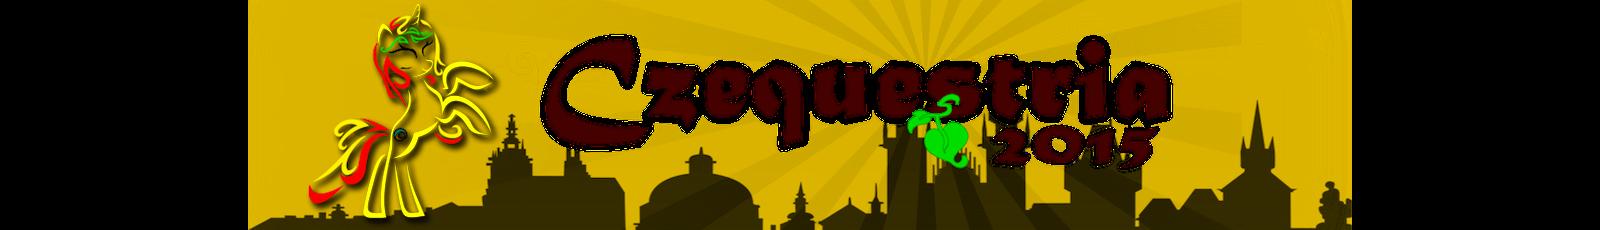 Czequestria 2015 banner - transparent